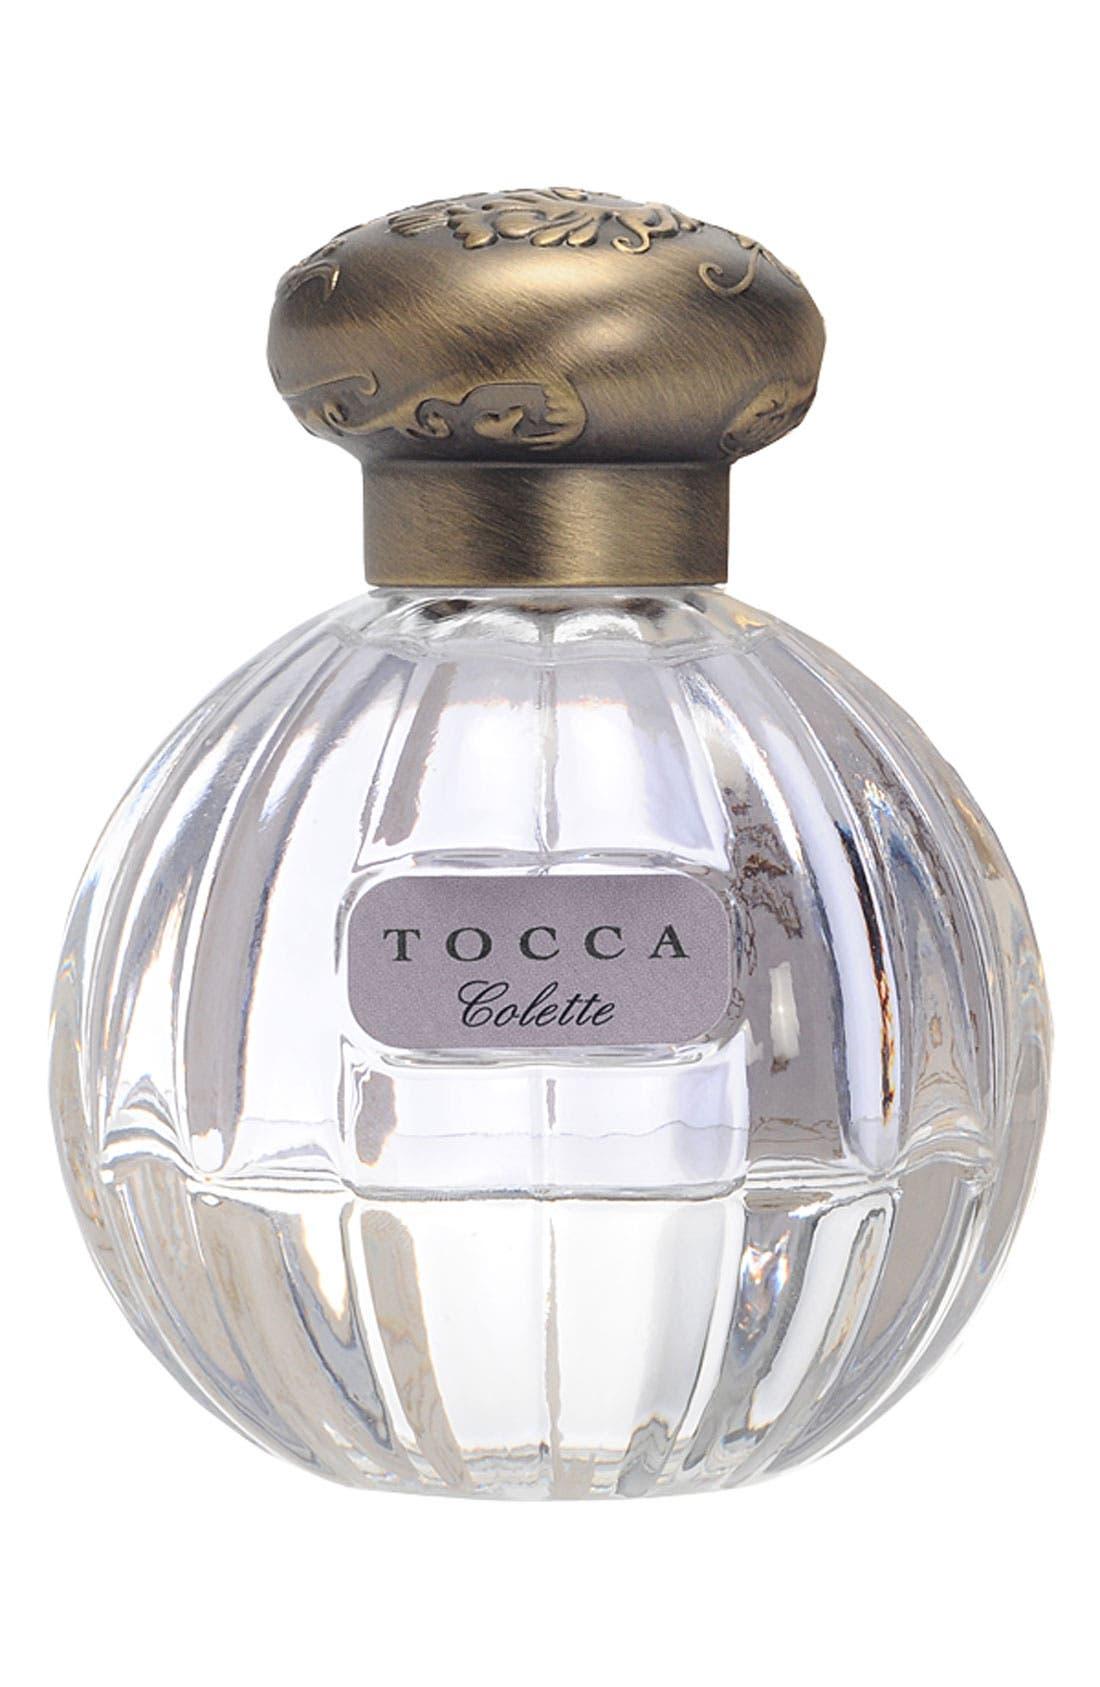 TOCCA 'Colette' Eau de Parfum